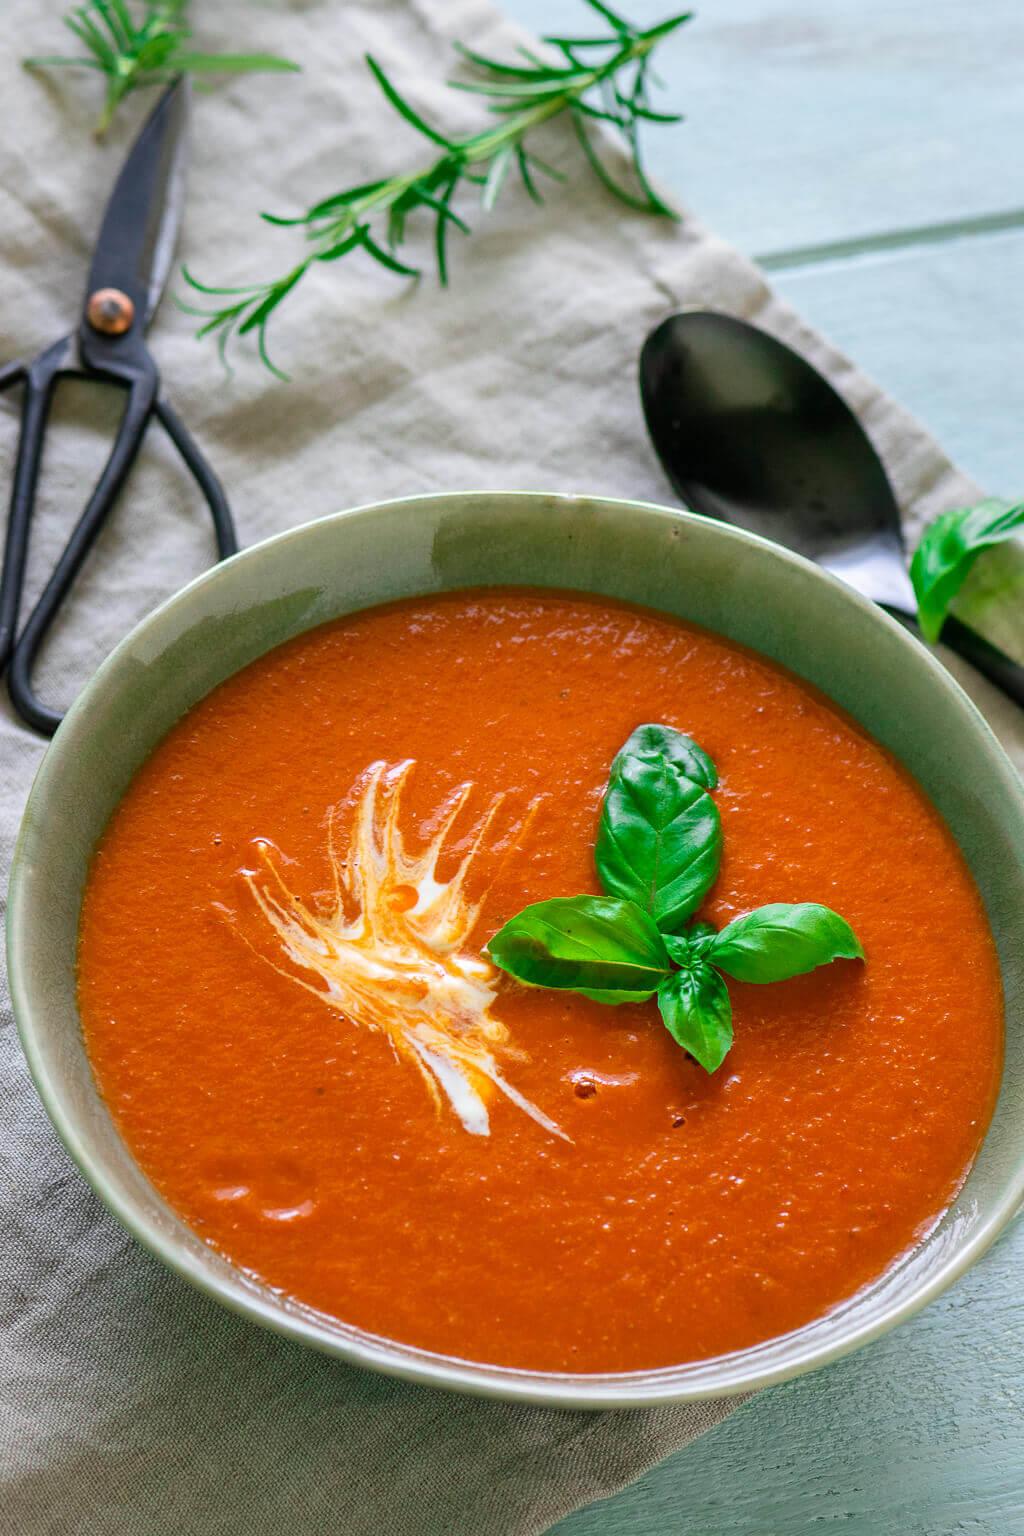 Super Einfach & Aromatisch - Tomatensuppe Mit Gerösteten bei Tomatensuppe Selber Machen Mit Frischen Tomaten